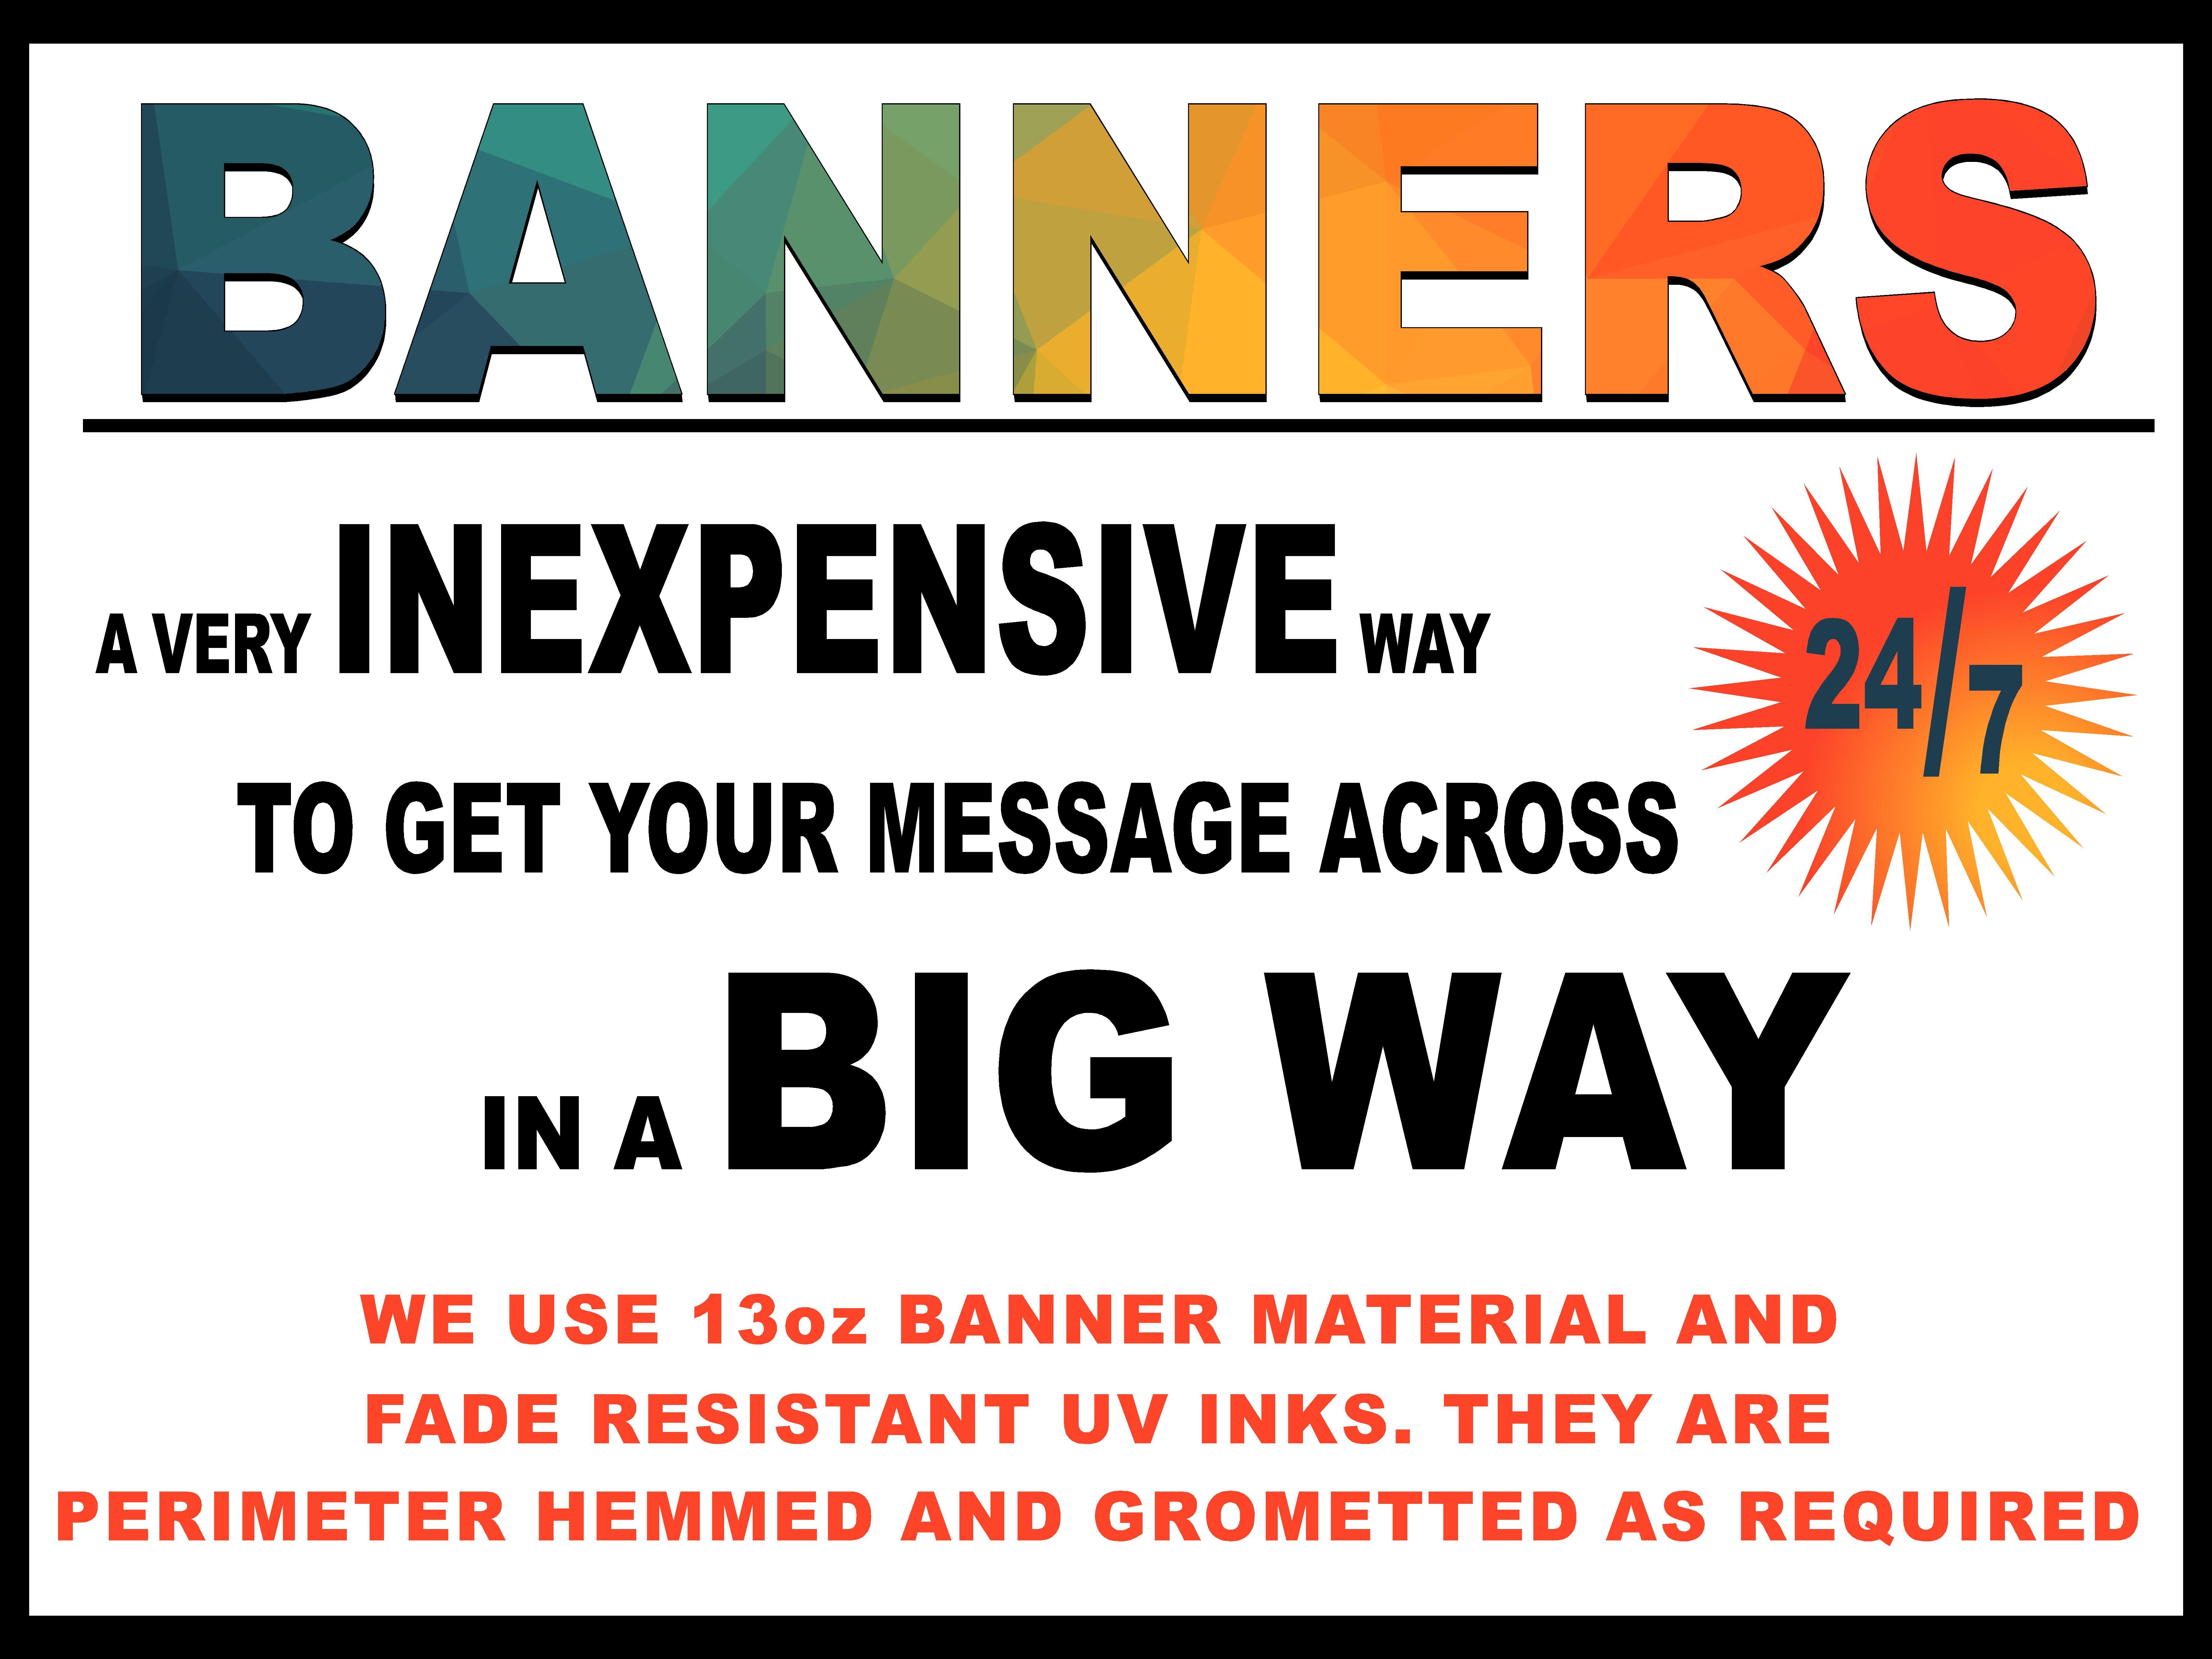 3x4 Banner